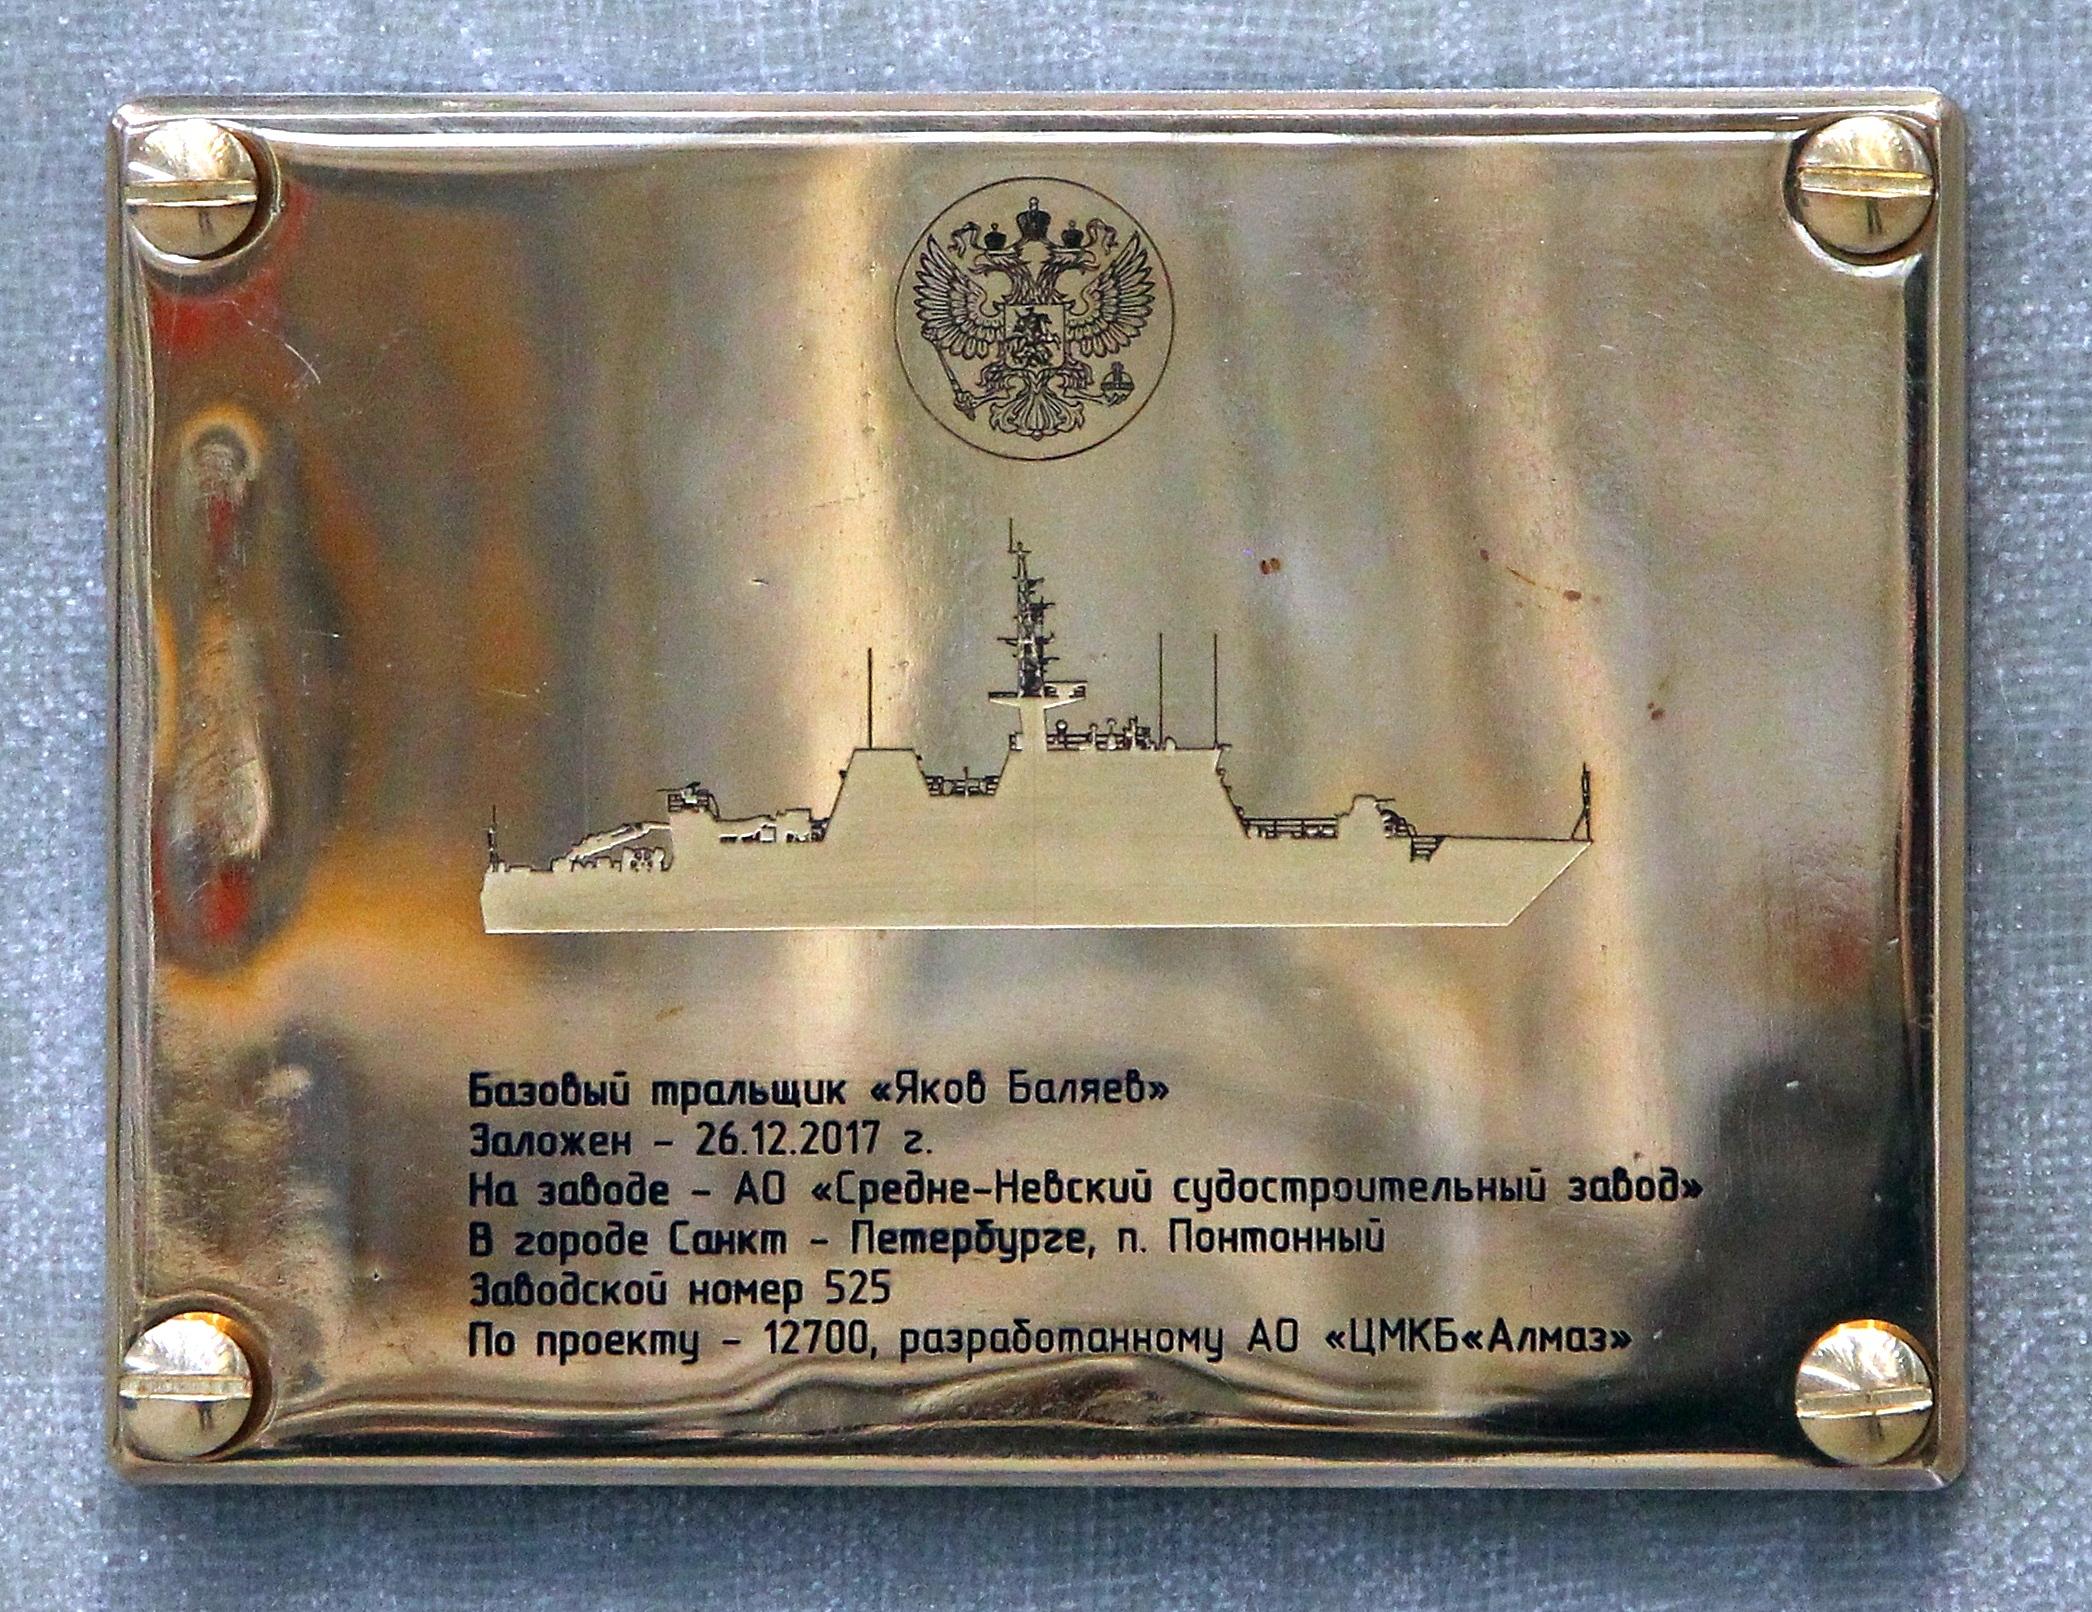 27-5752541-12700-yakov-balyaev-zakladnaya-doska-snsz-26.12.2017